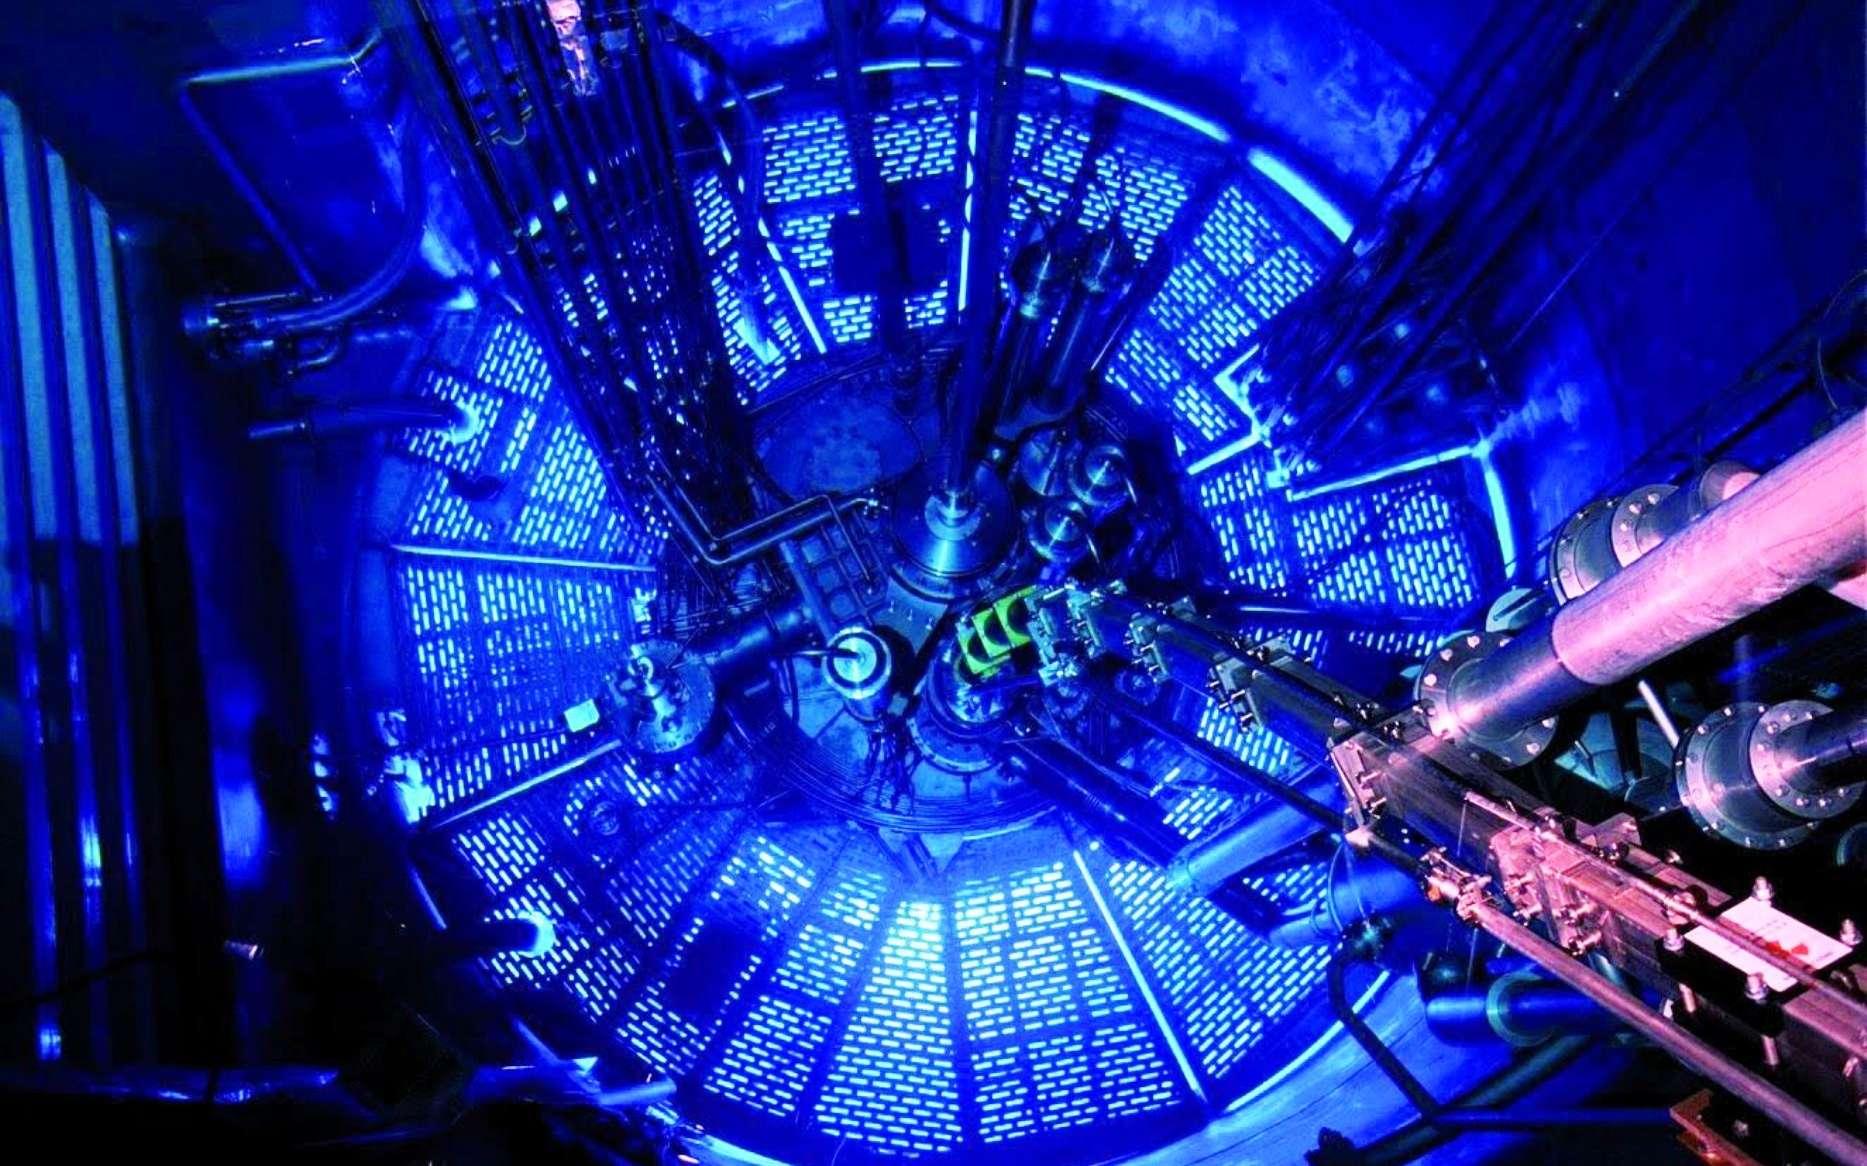 La lumière bleue que l'on voit sur cette image provient du rayonnement Cherenkov produit dans l'eau par la radioactivité du réacteur de l'Institut Laue-Langevin à Grenoble. Ce réacteur produit aussi des neutrons utilisés pour toutes sortes d'expériences. © Institut Laue-Langevin